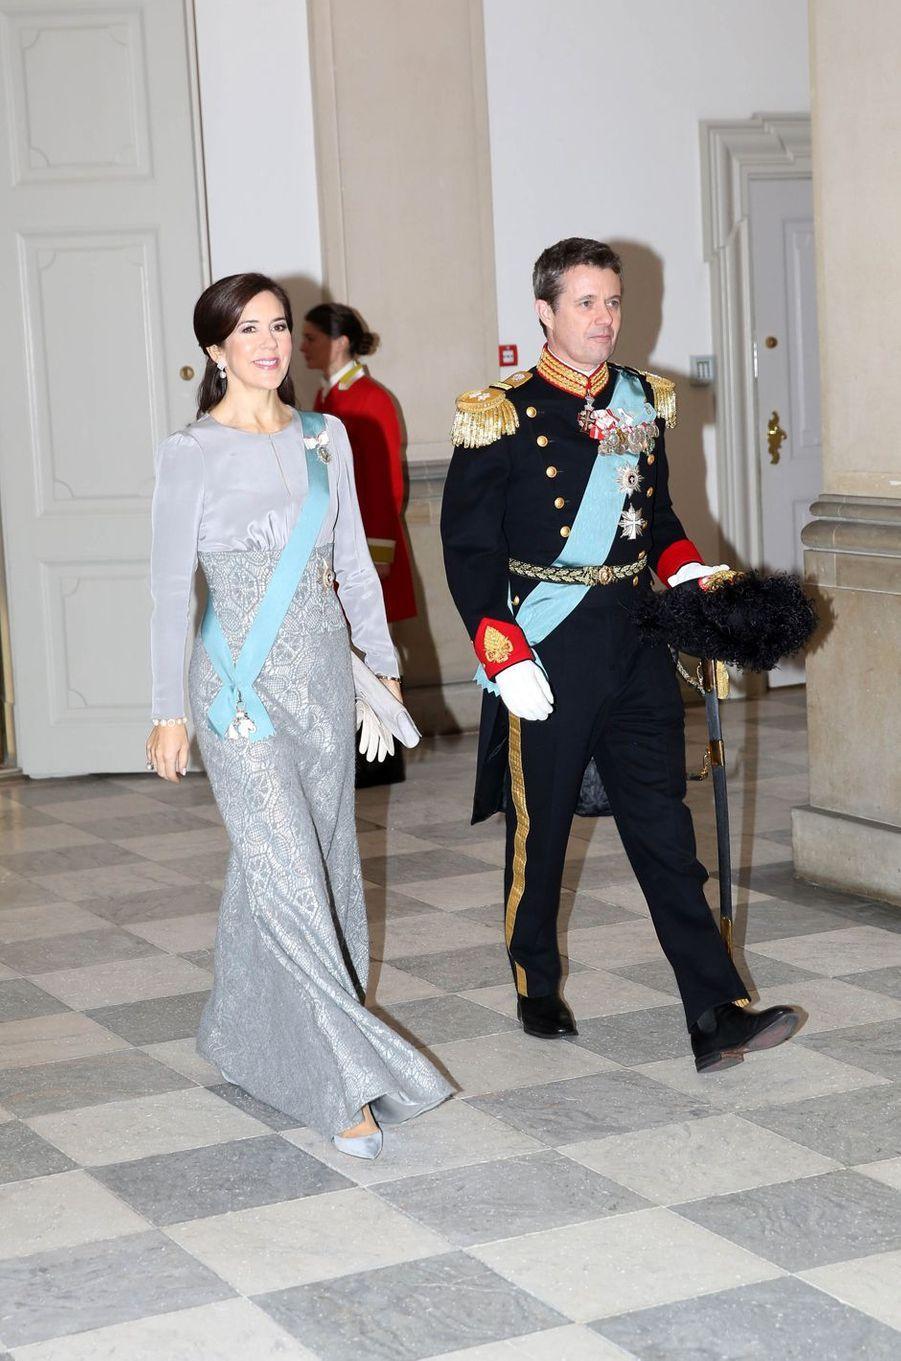 La princesse Mary et le prince Frederik de Danemark, le 3 janvier 2019 à Copenhague